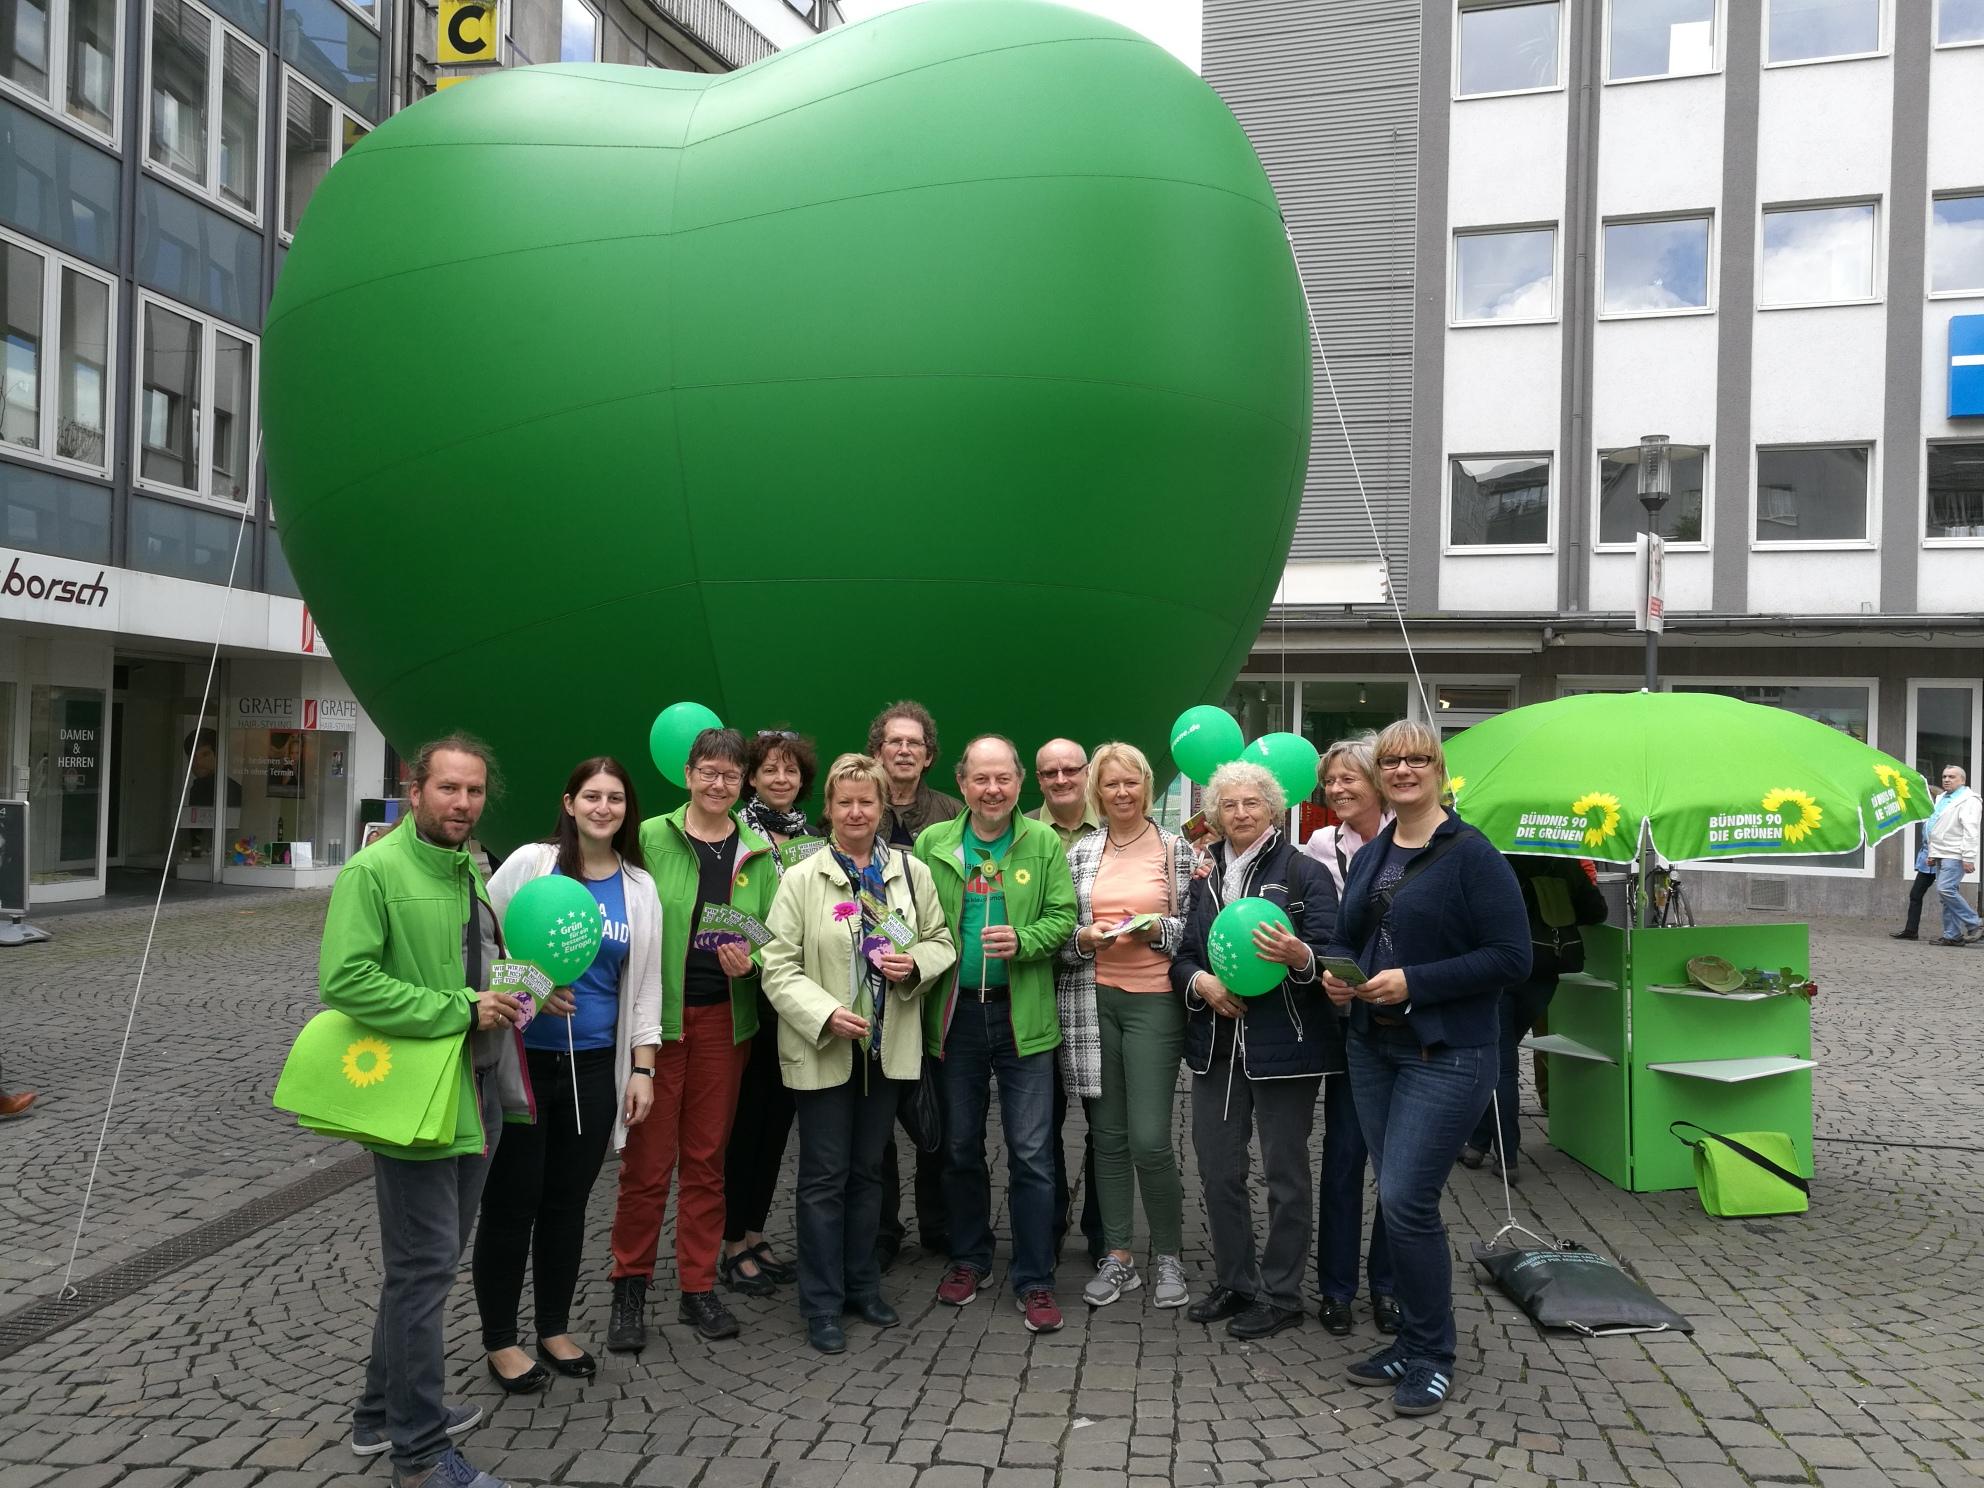 Riesiges aufblasbares Herz ist Hingucker in Wuppertal